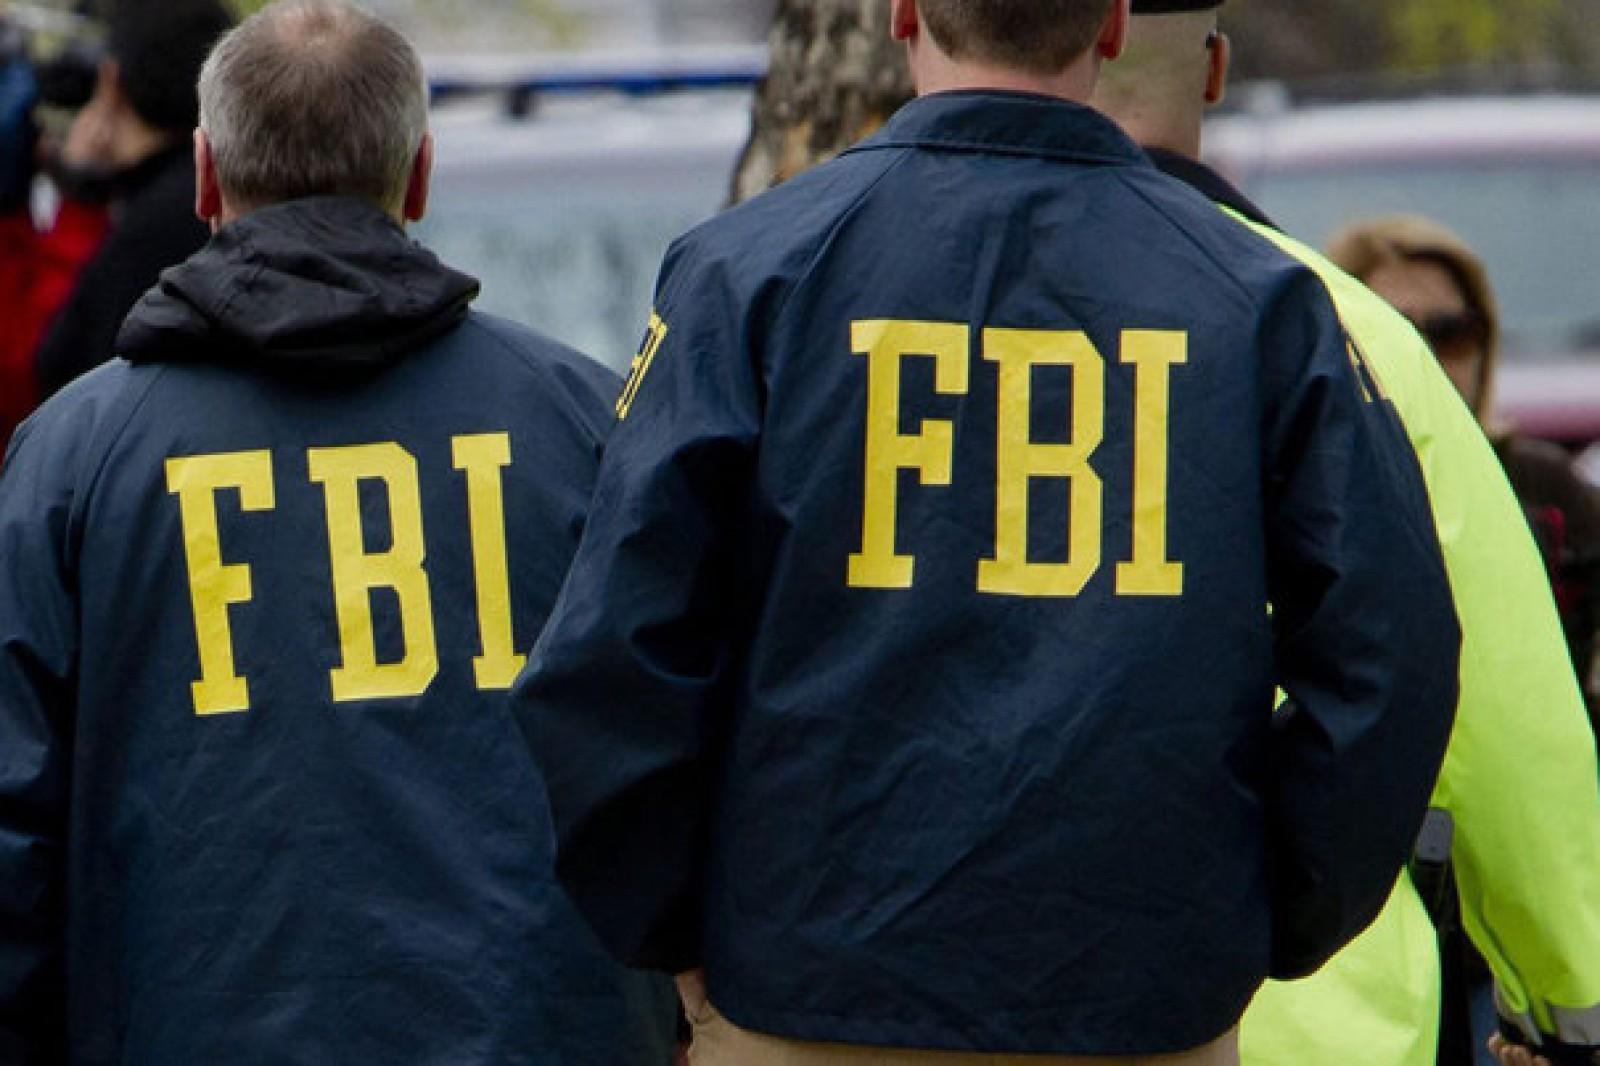 Departamentul de Justiţie al SUA şi FBI investighează firma Cambridge Analytica, acuzată de colectarea ilegală a datelor a 87 de milioane de utilizatori Facebook